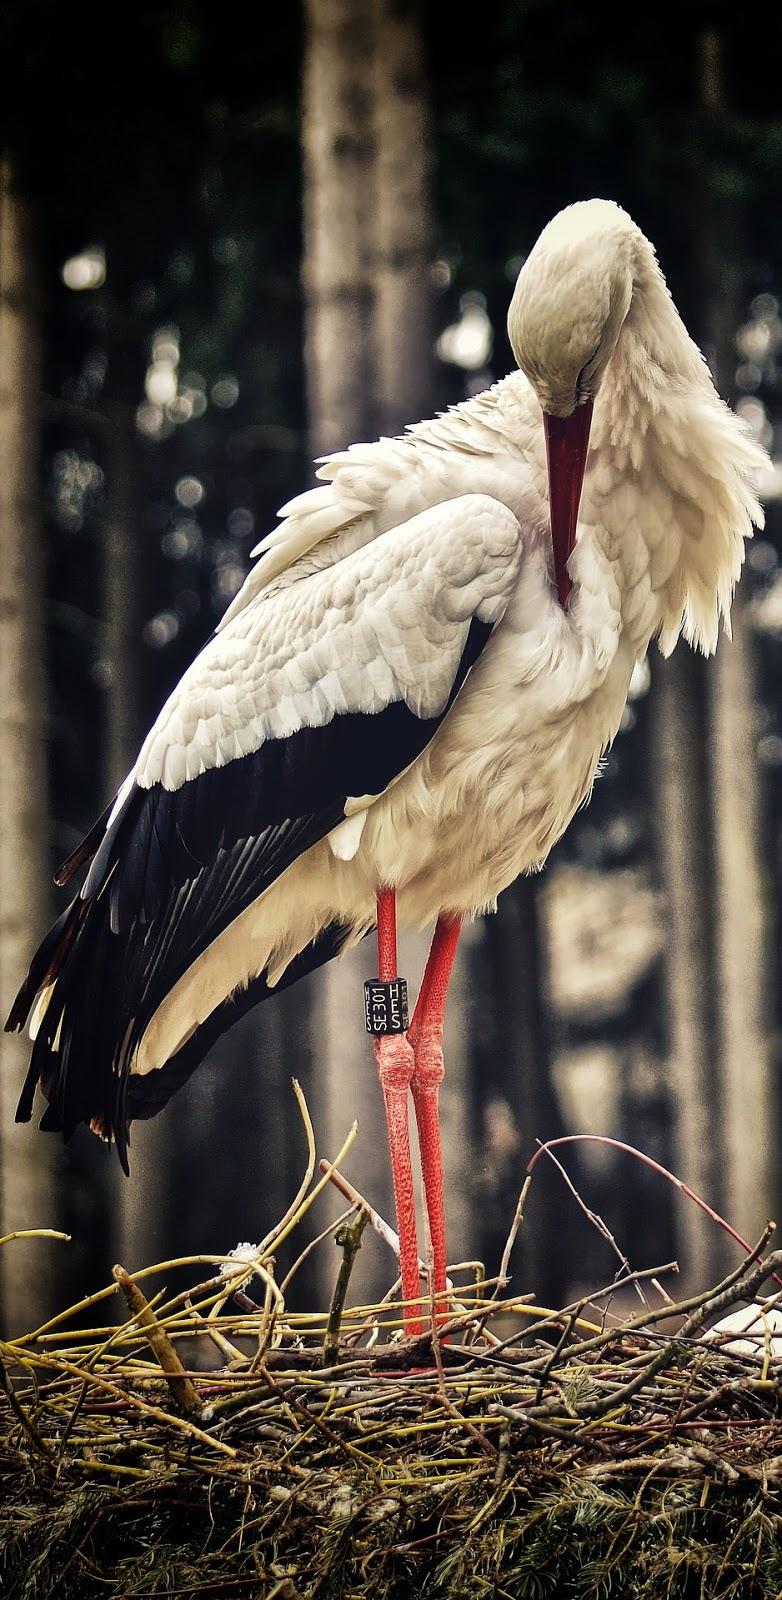 A stork preening.